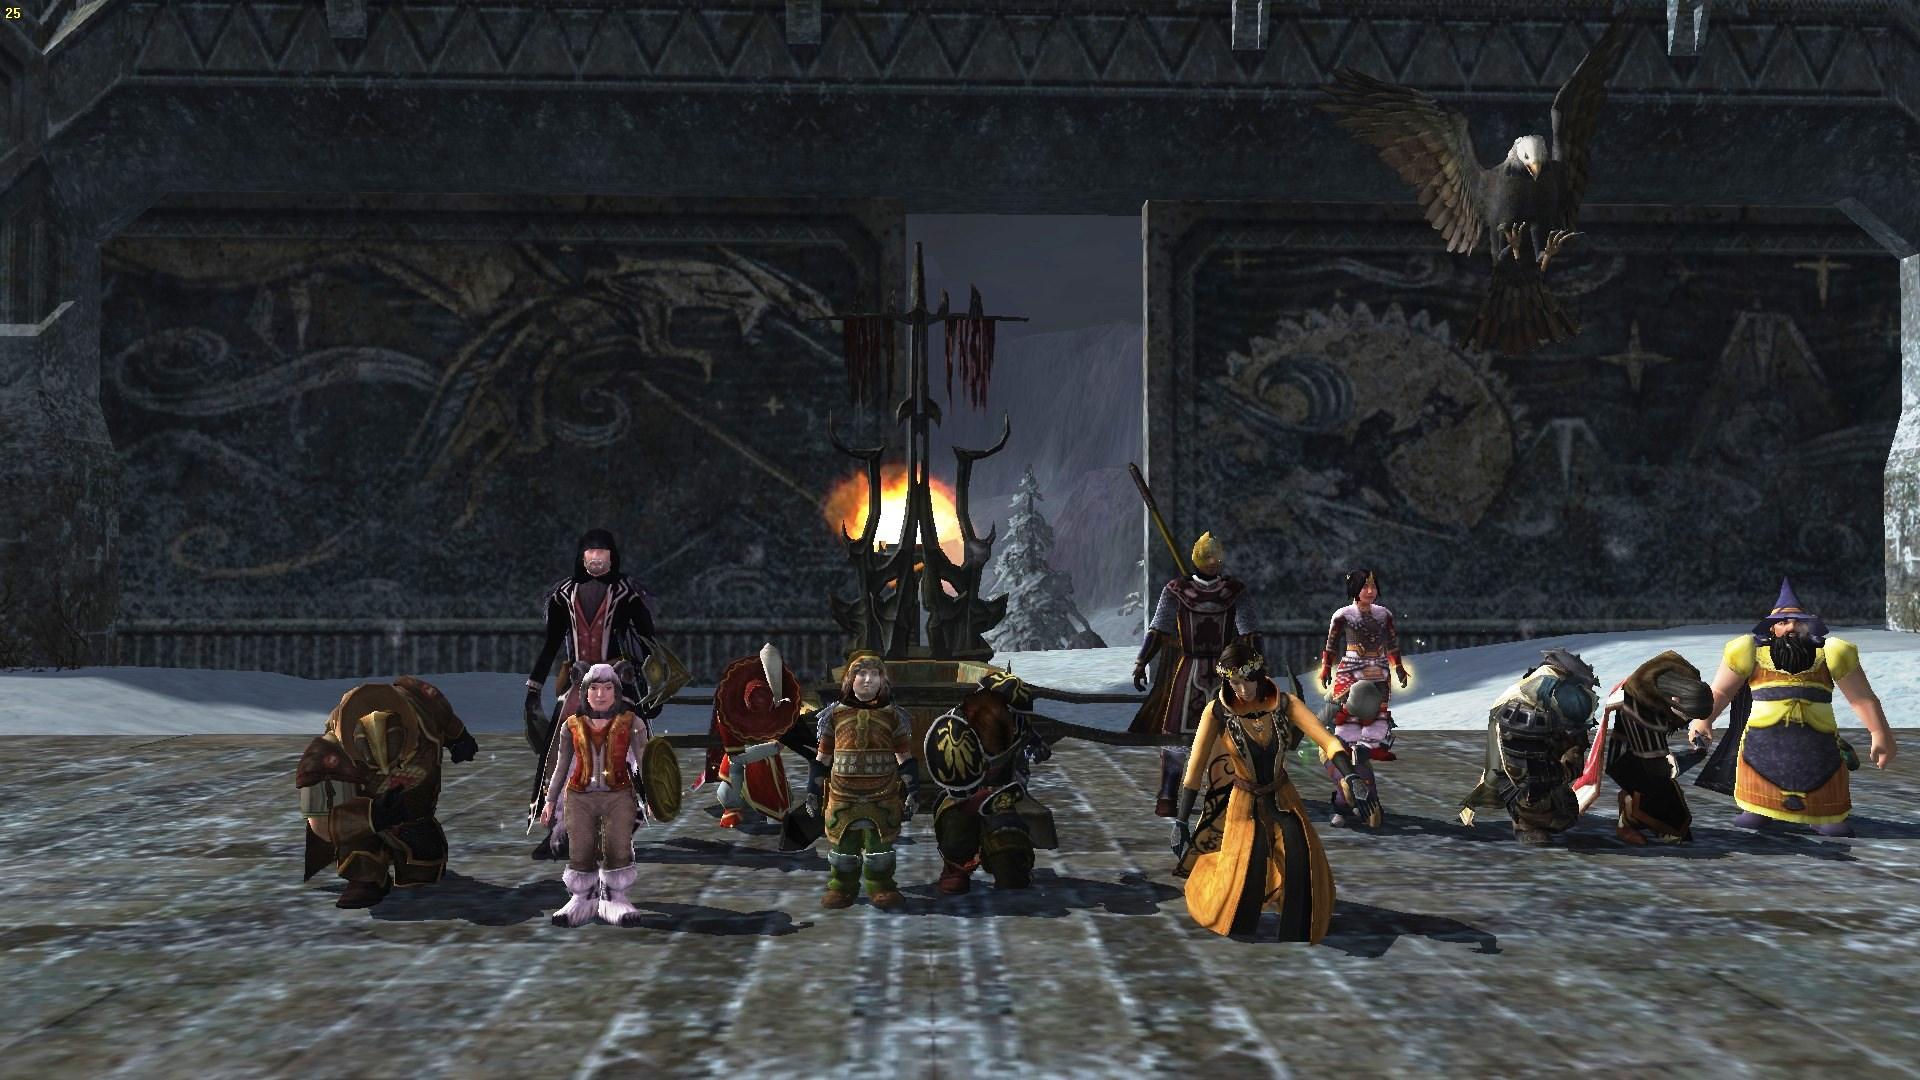 Helegrod Dragon Wing: Poklona všem valar, že při boji stáli na naší straně!